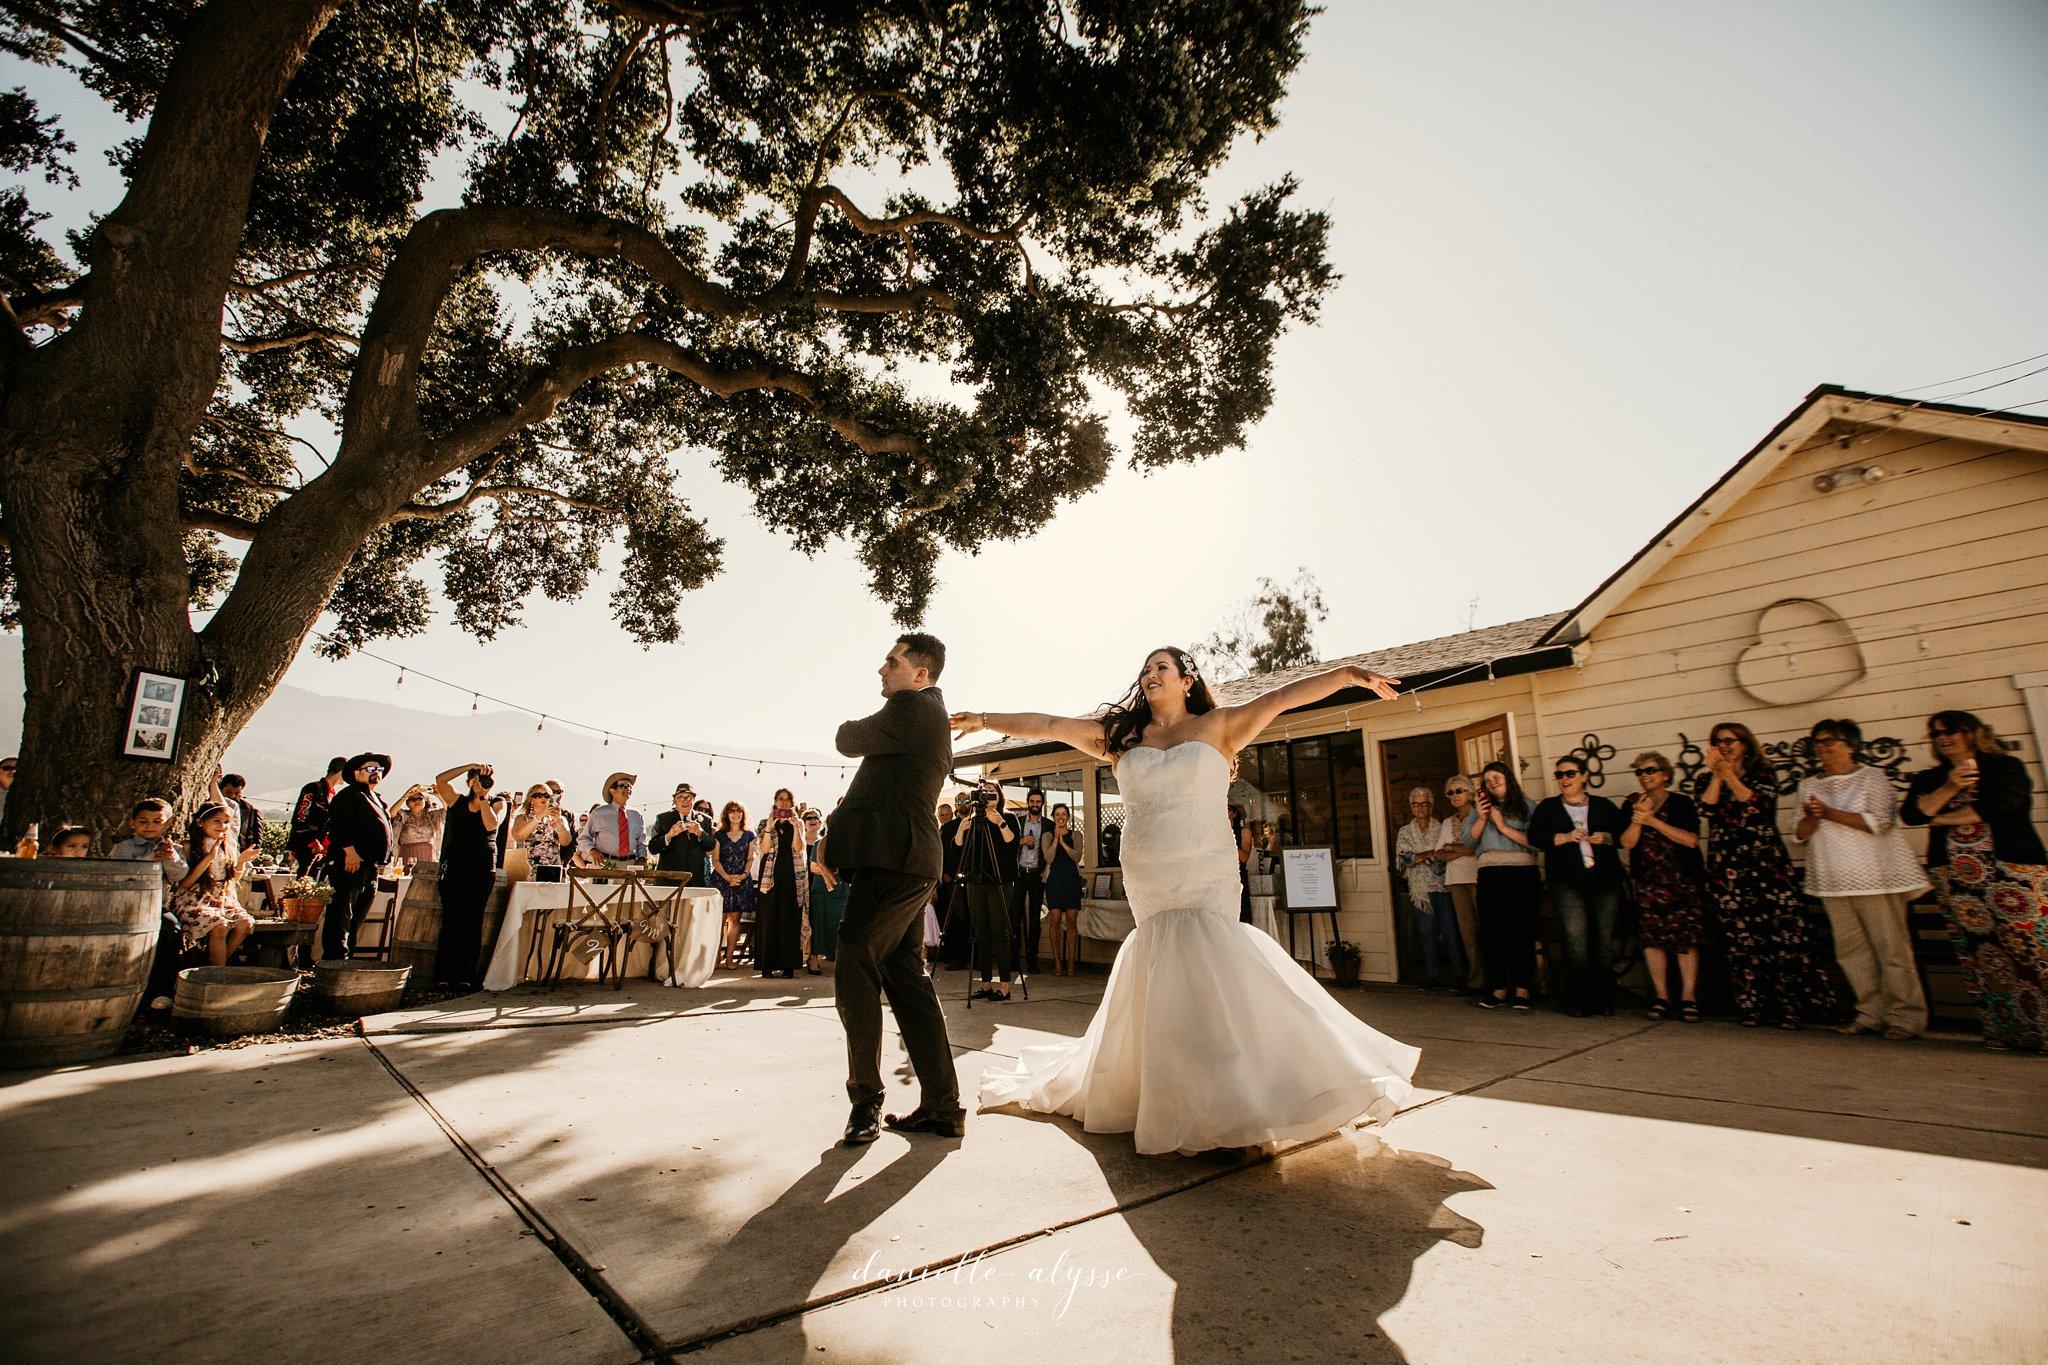 180630_wedding_lily_ryan_mission_soledad_california_danielle_alysse_photography_blog_778_WEB.jpg